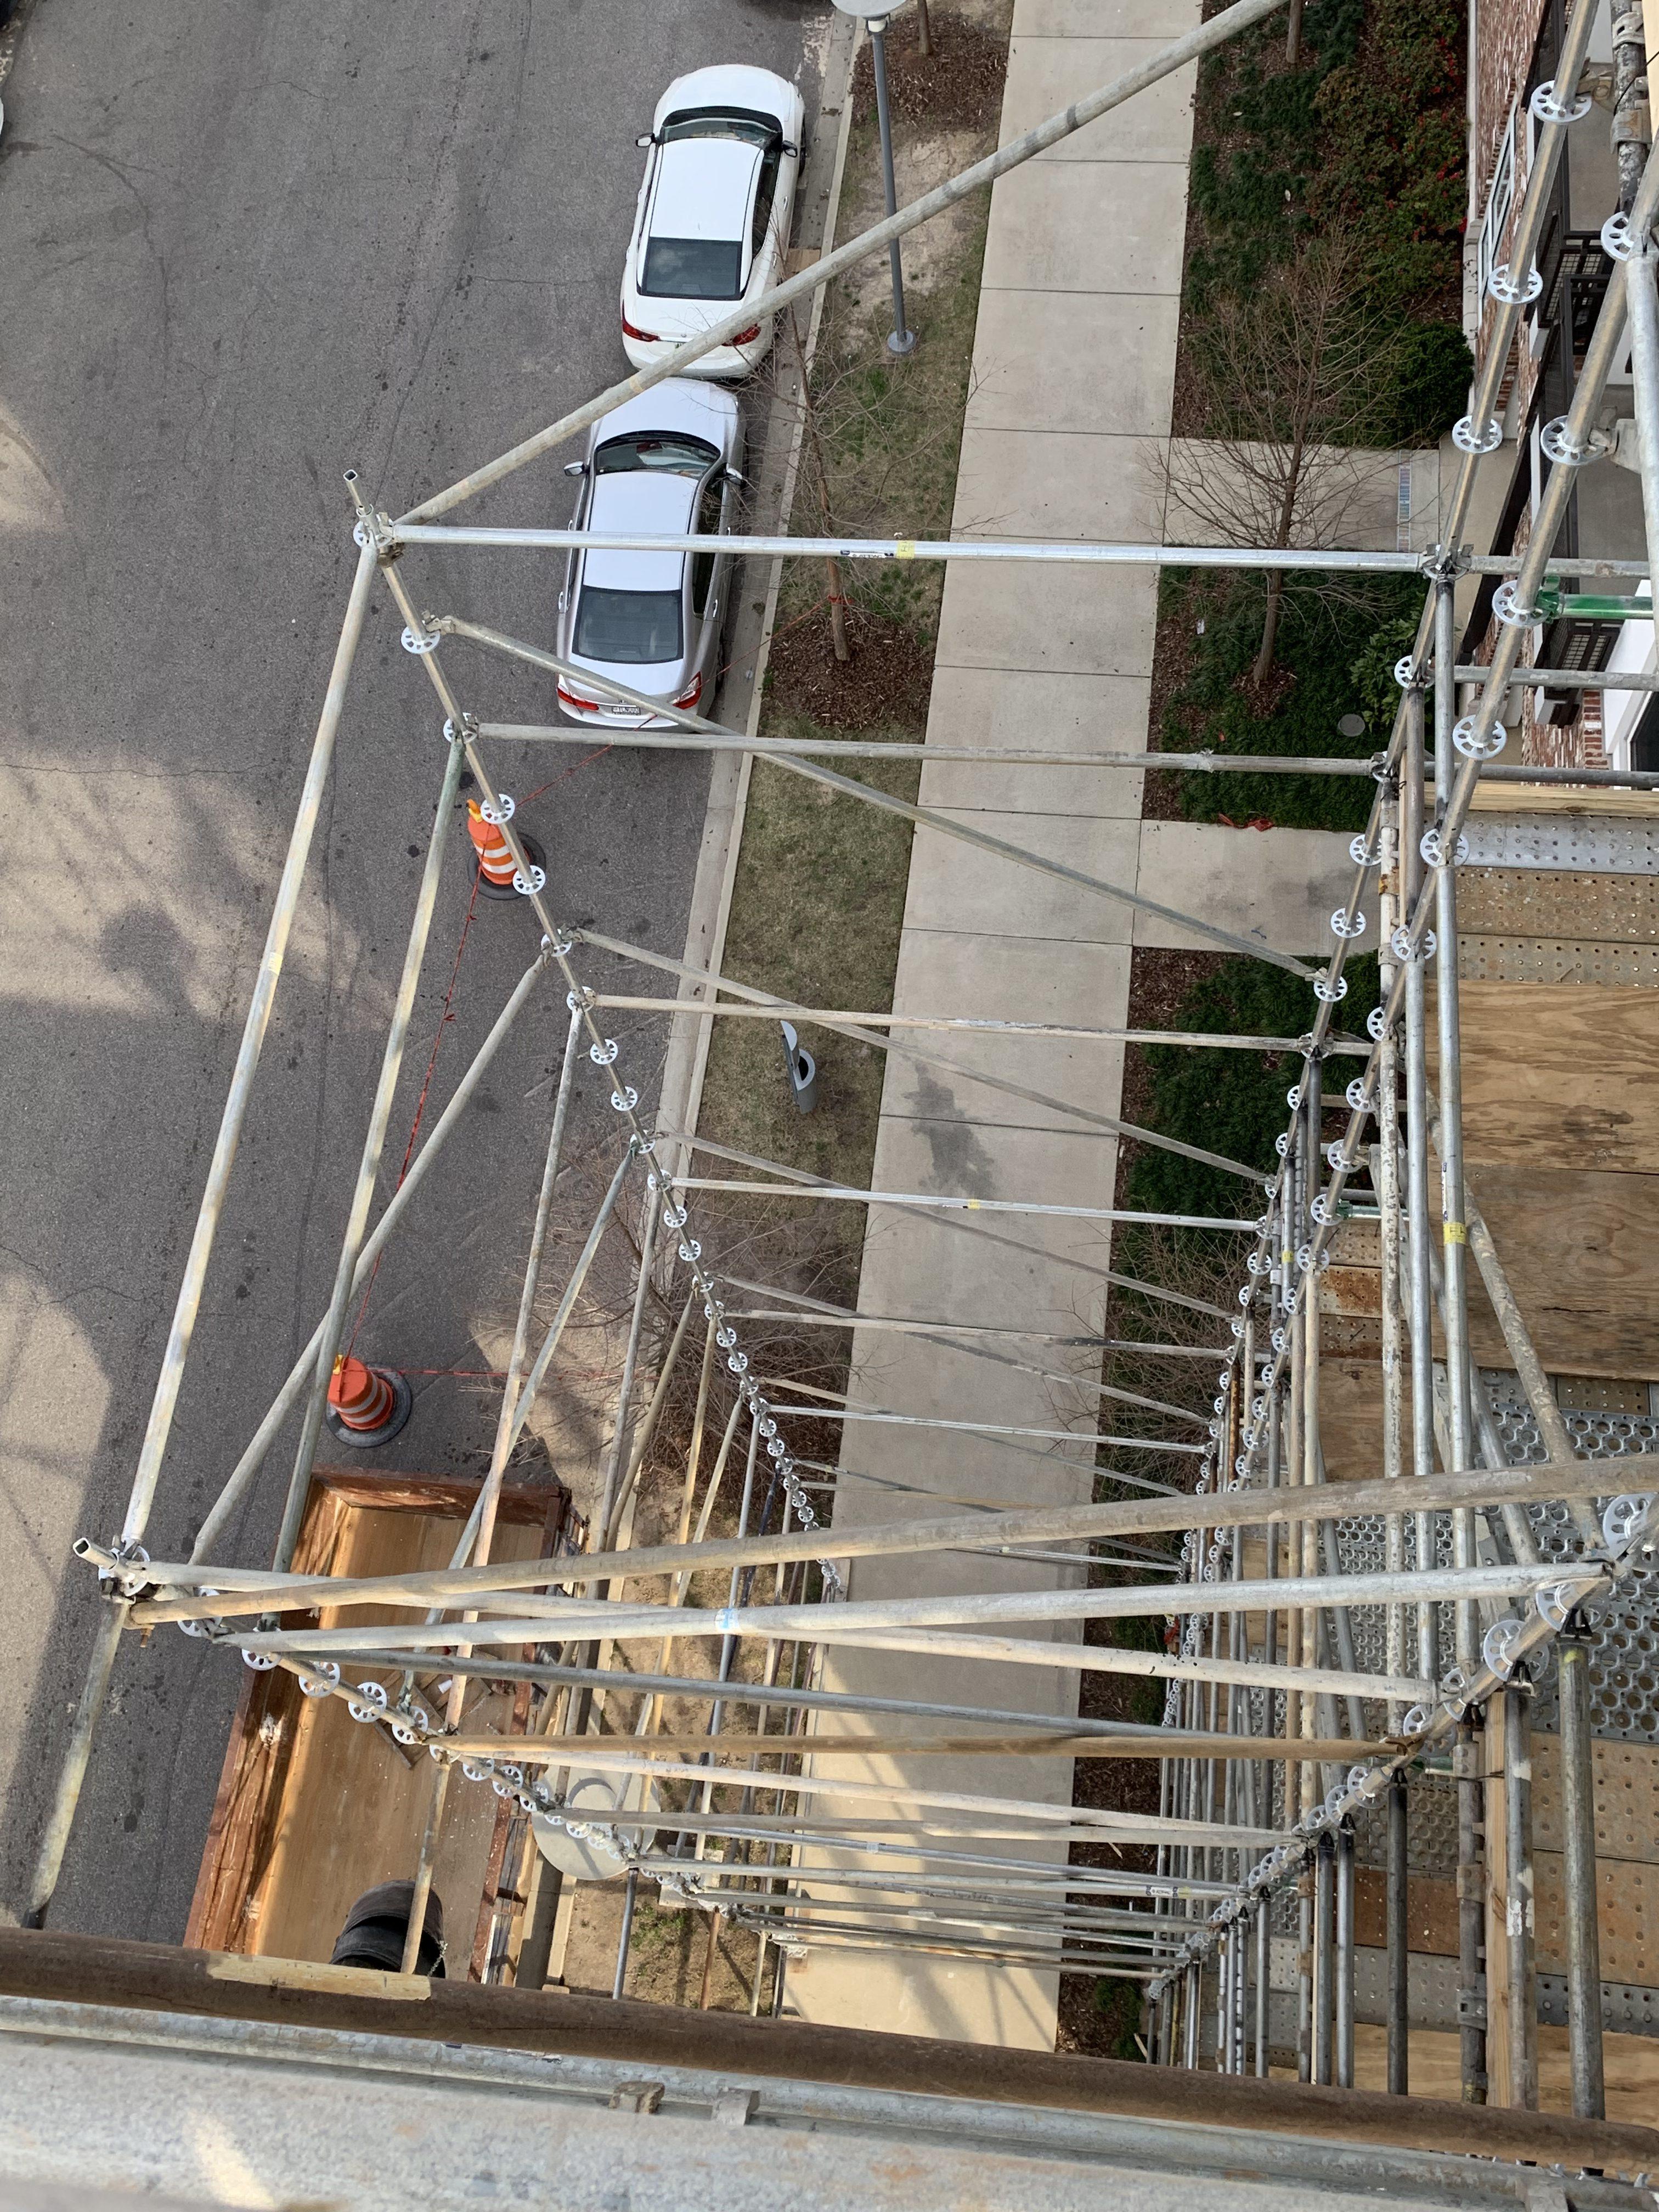 1st Ave S Condo Renovation scaffold 2